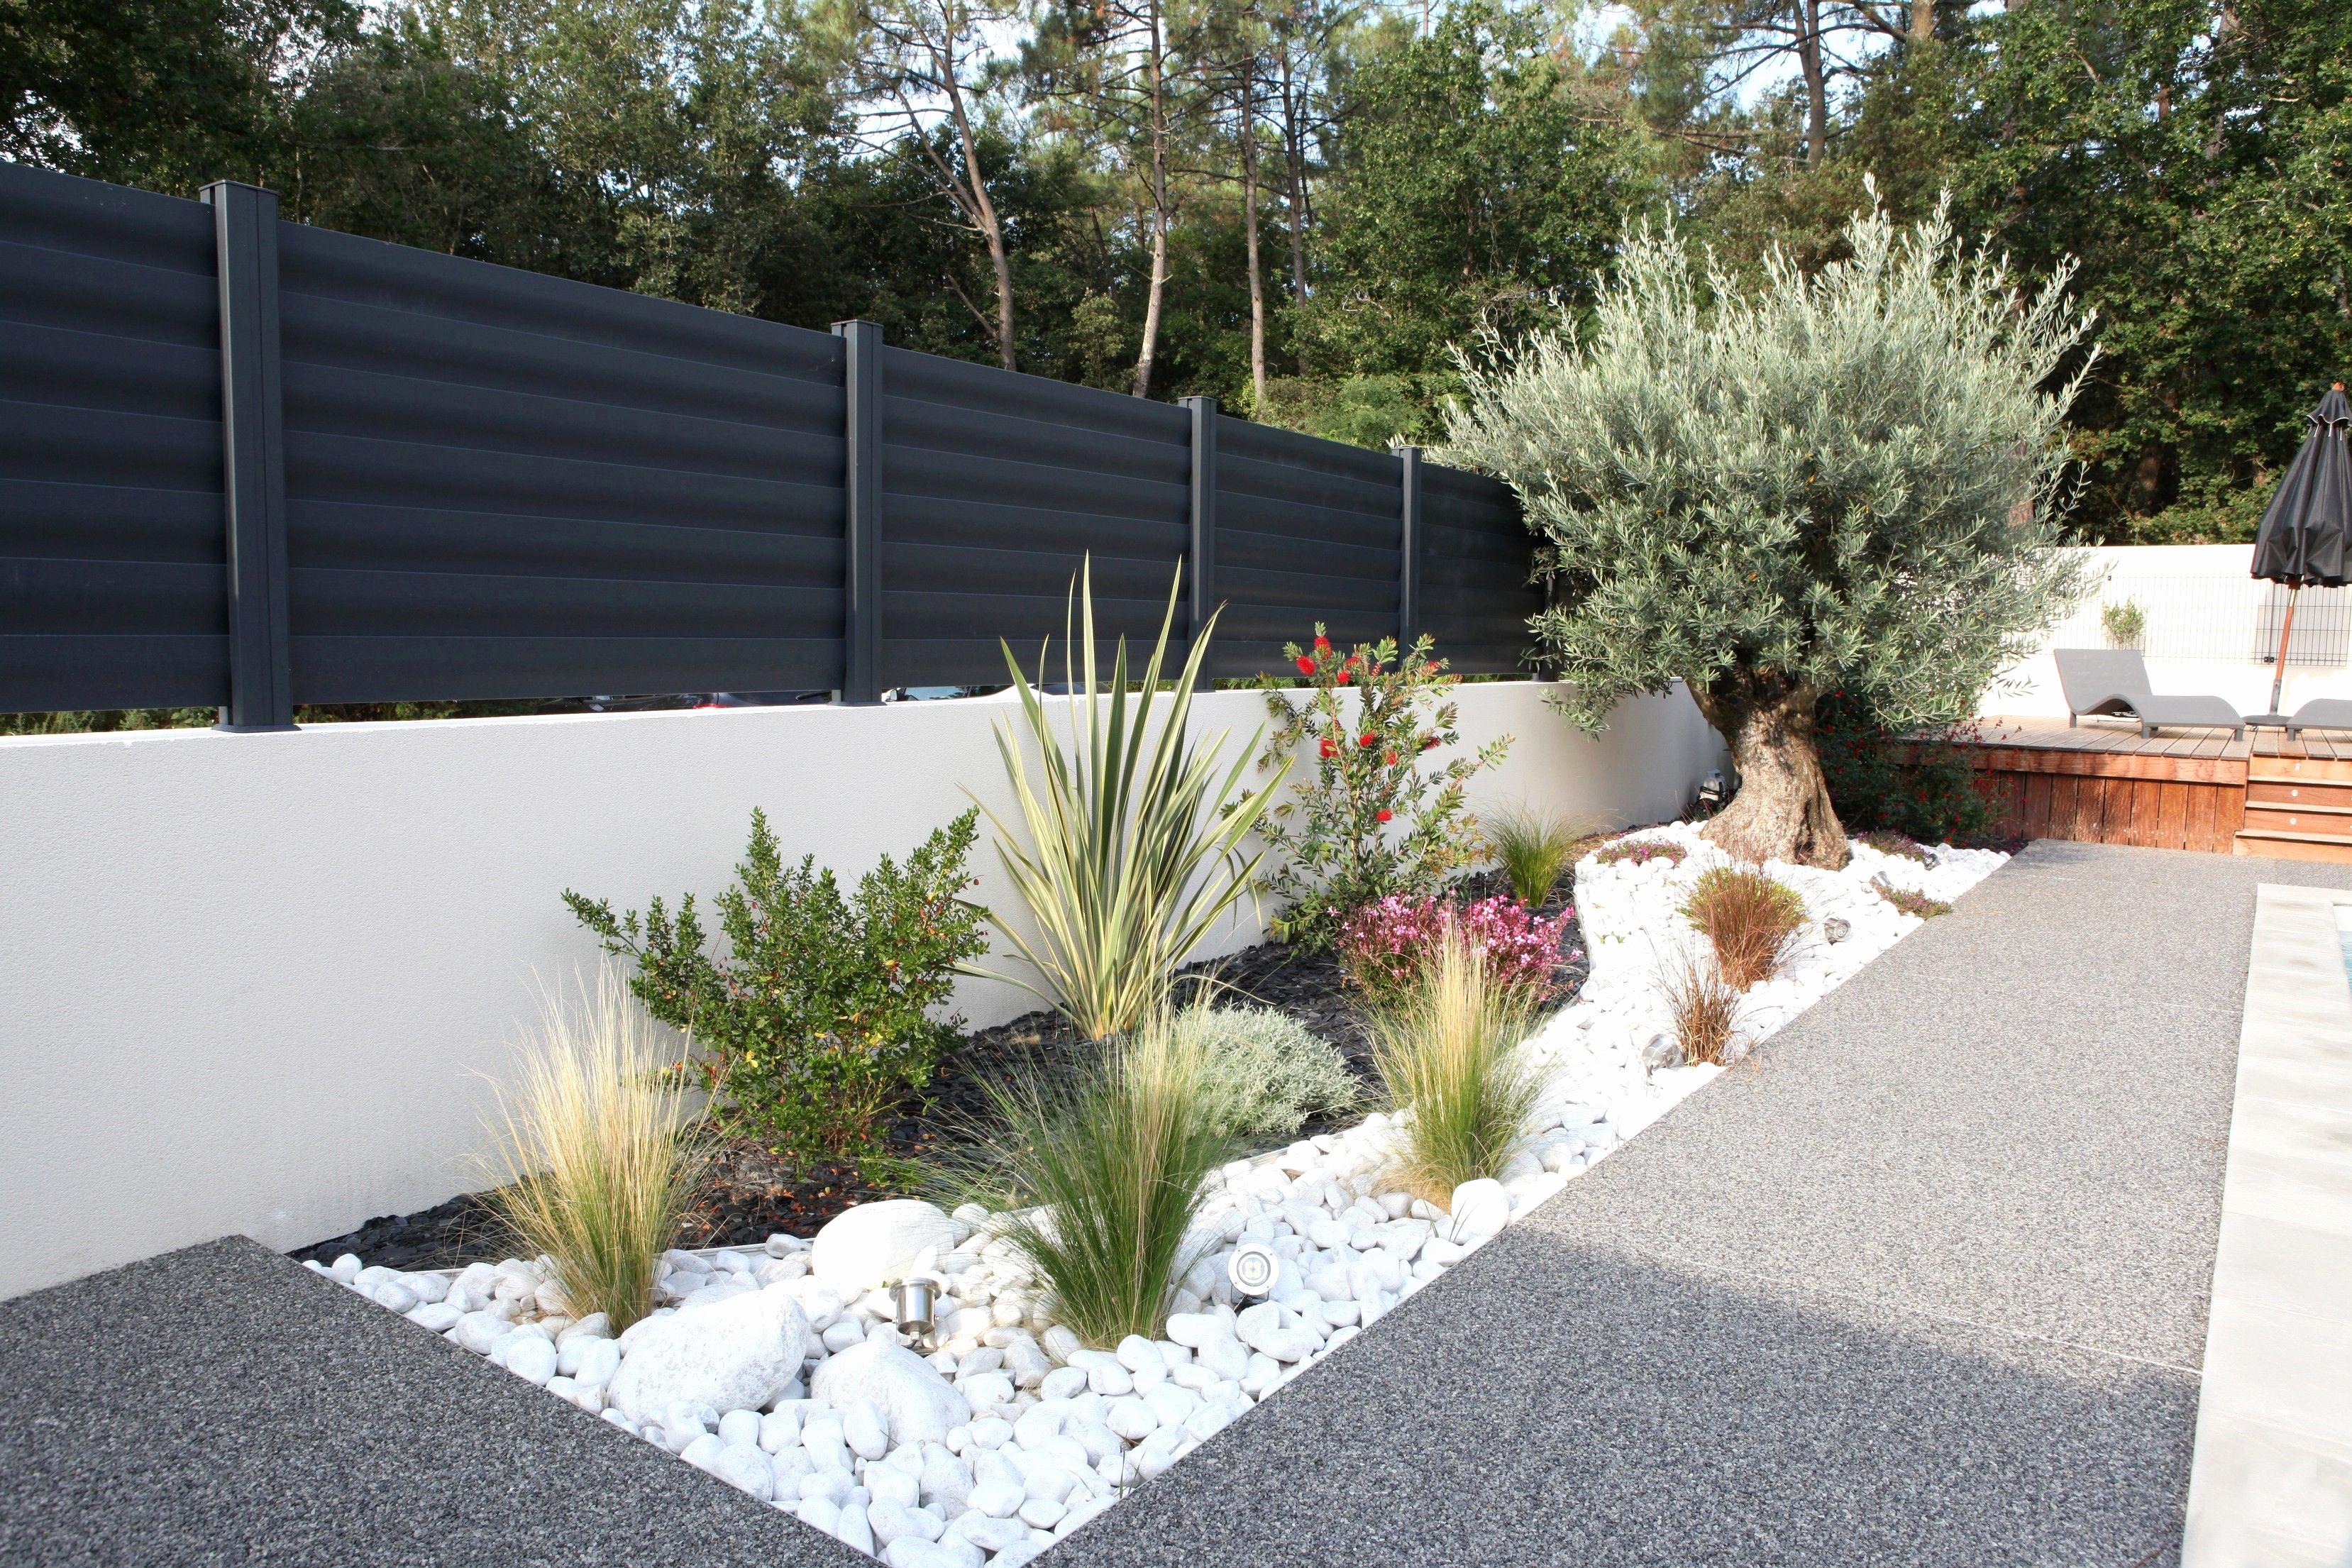 Cloture Moderne Pas Cher Frais Image Brise Vue Moderne Frais Cloture Maison Moderne Luxury Au Jardin